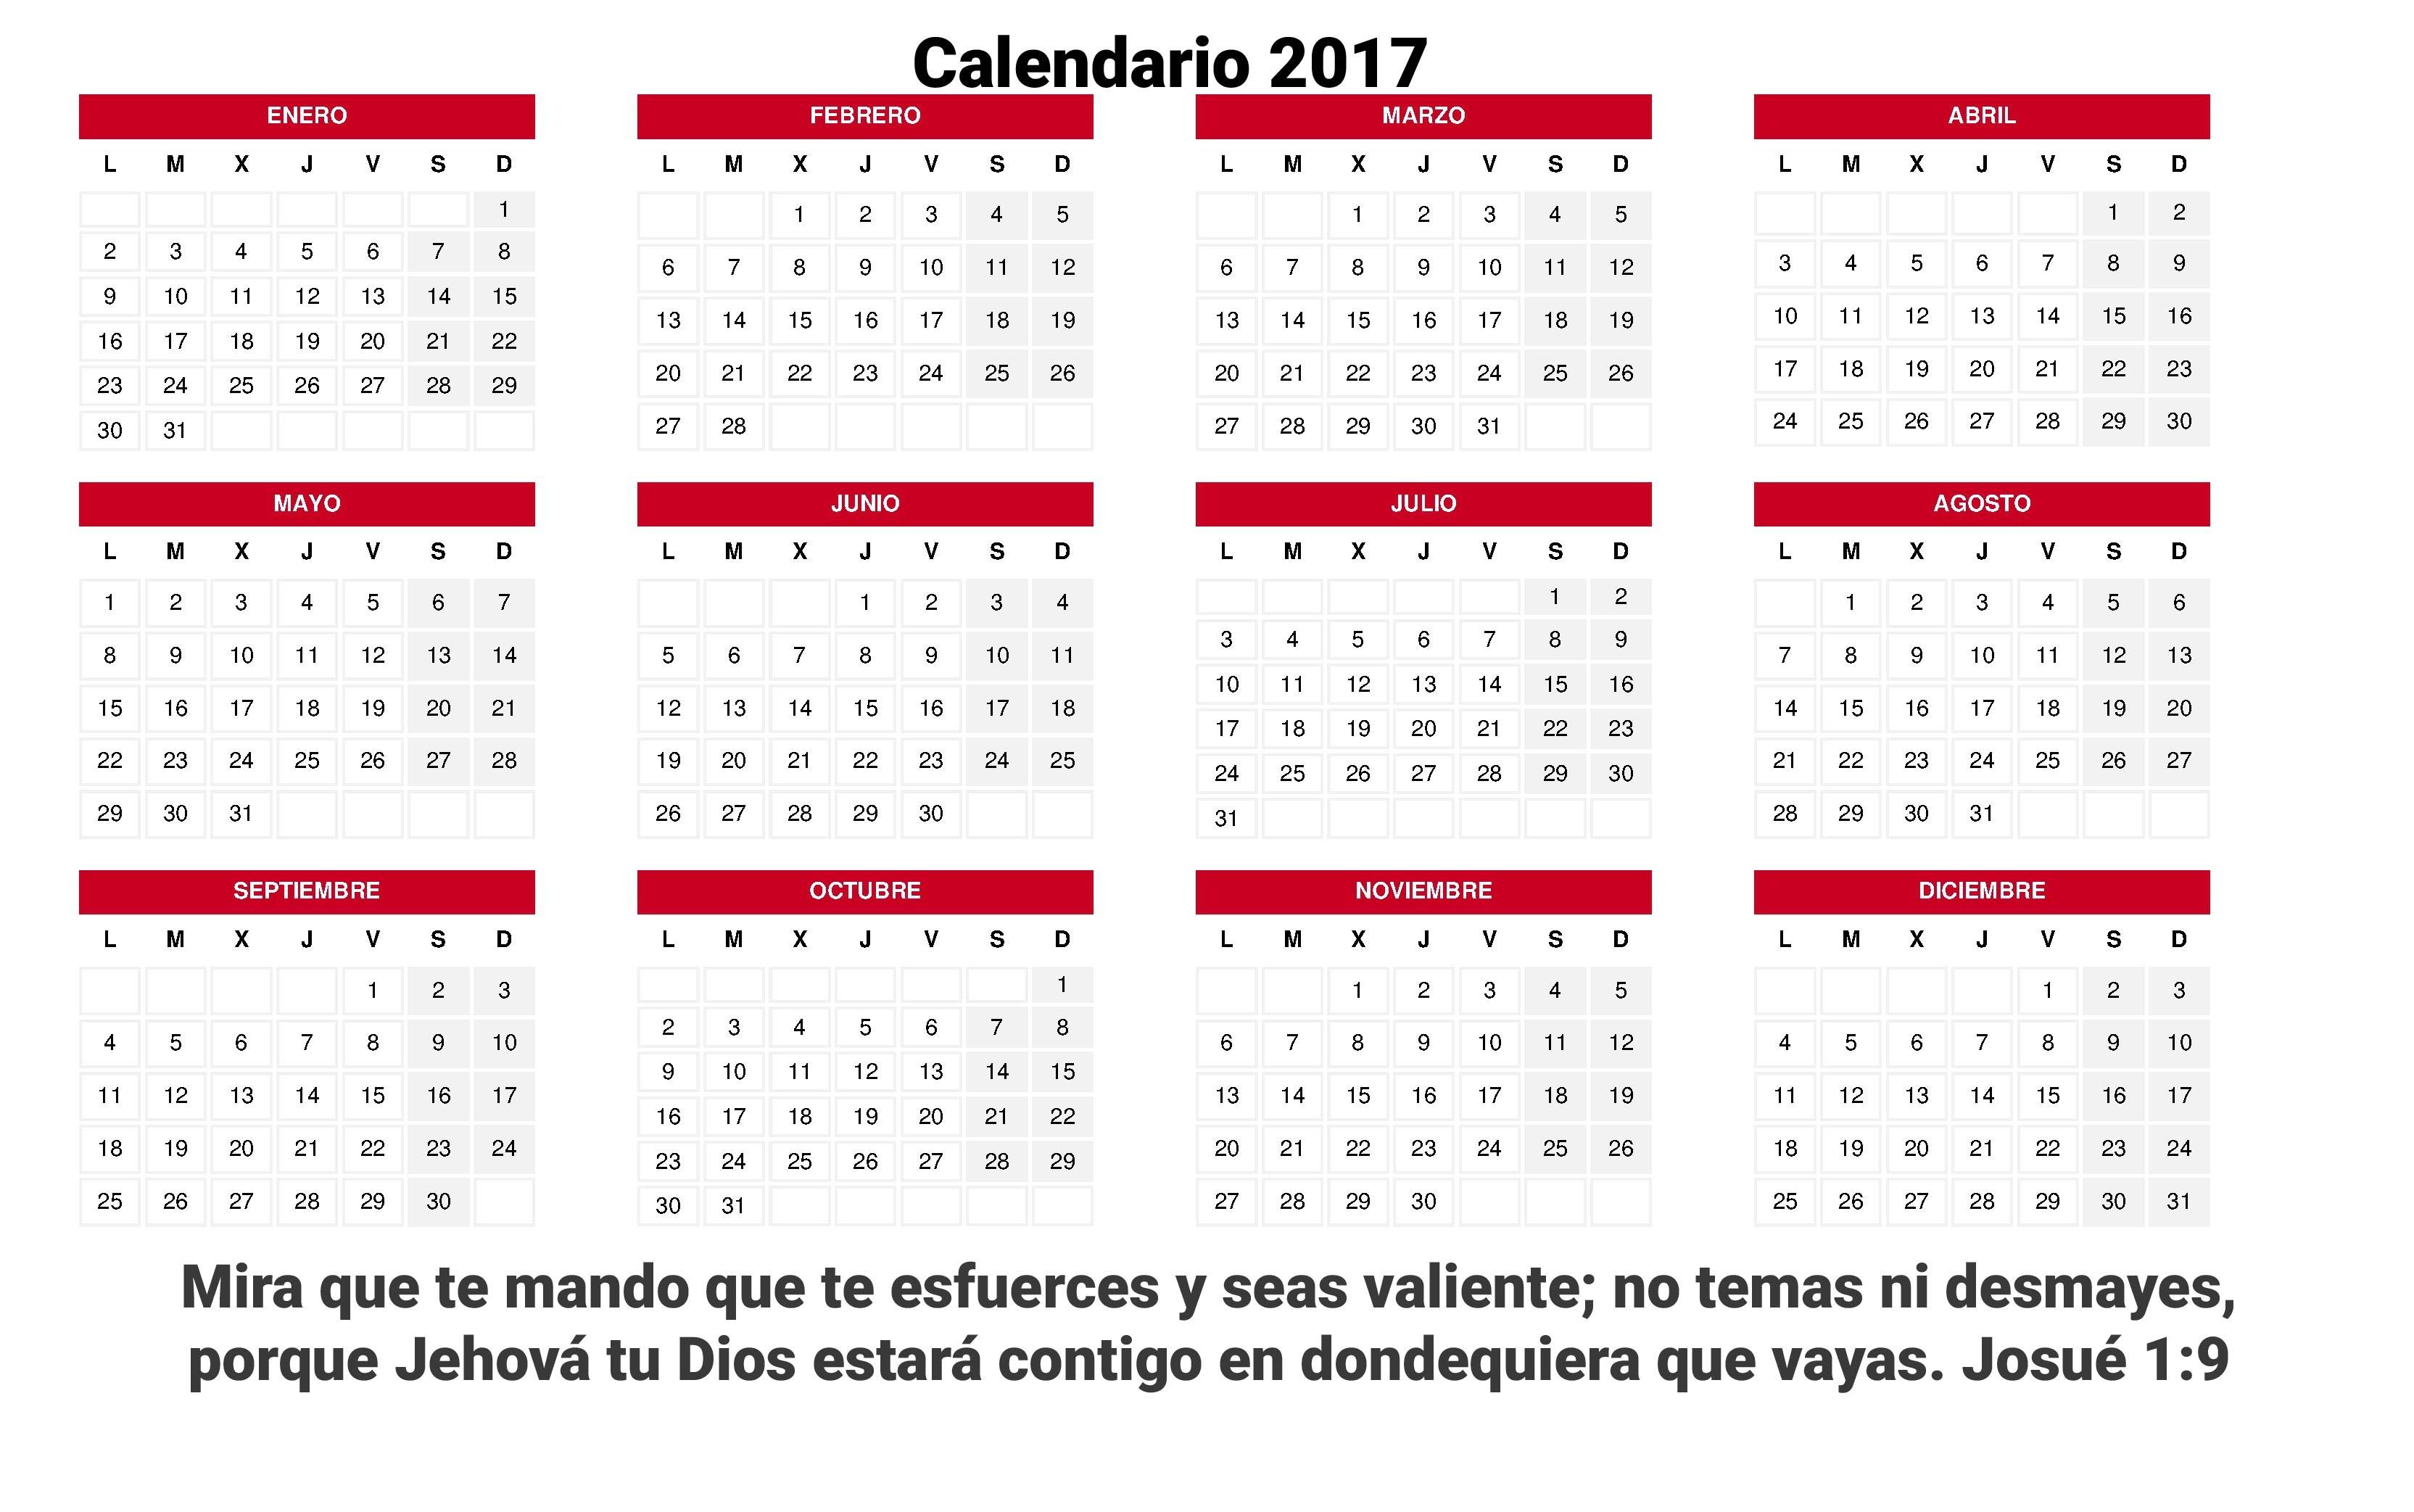 Calendario Noviembre 2017 Imprimir Gratis Más Recientes Calendarios Del Mes Kordurorddiner Of Calendario Noviembre 2017 Imprimir Gratis Más Recientes Calendar 2018 October Moon Phase October Calendar Printable